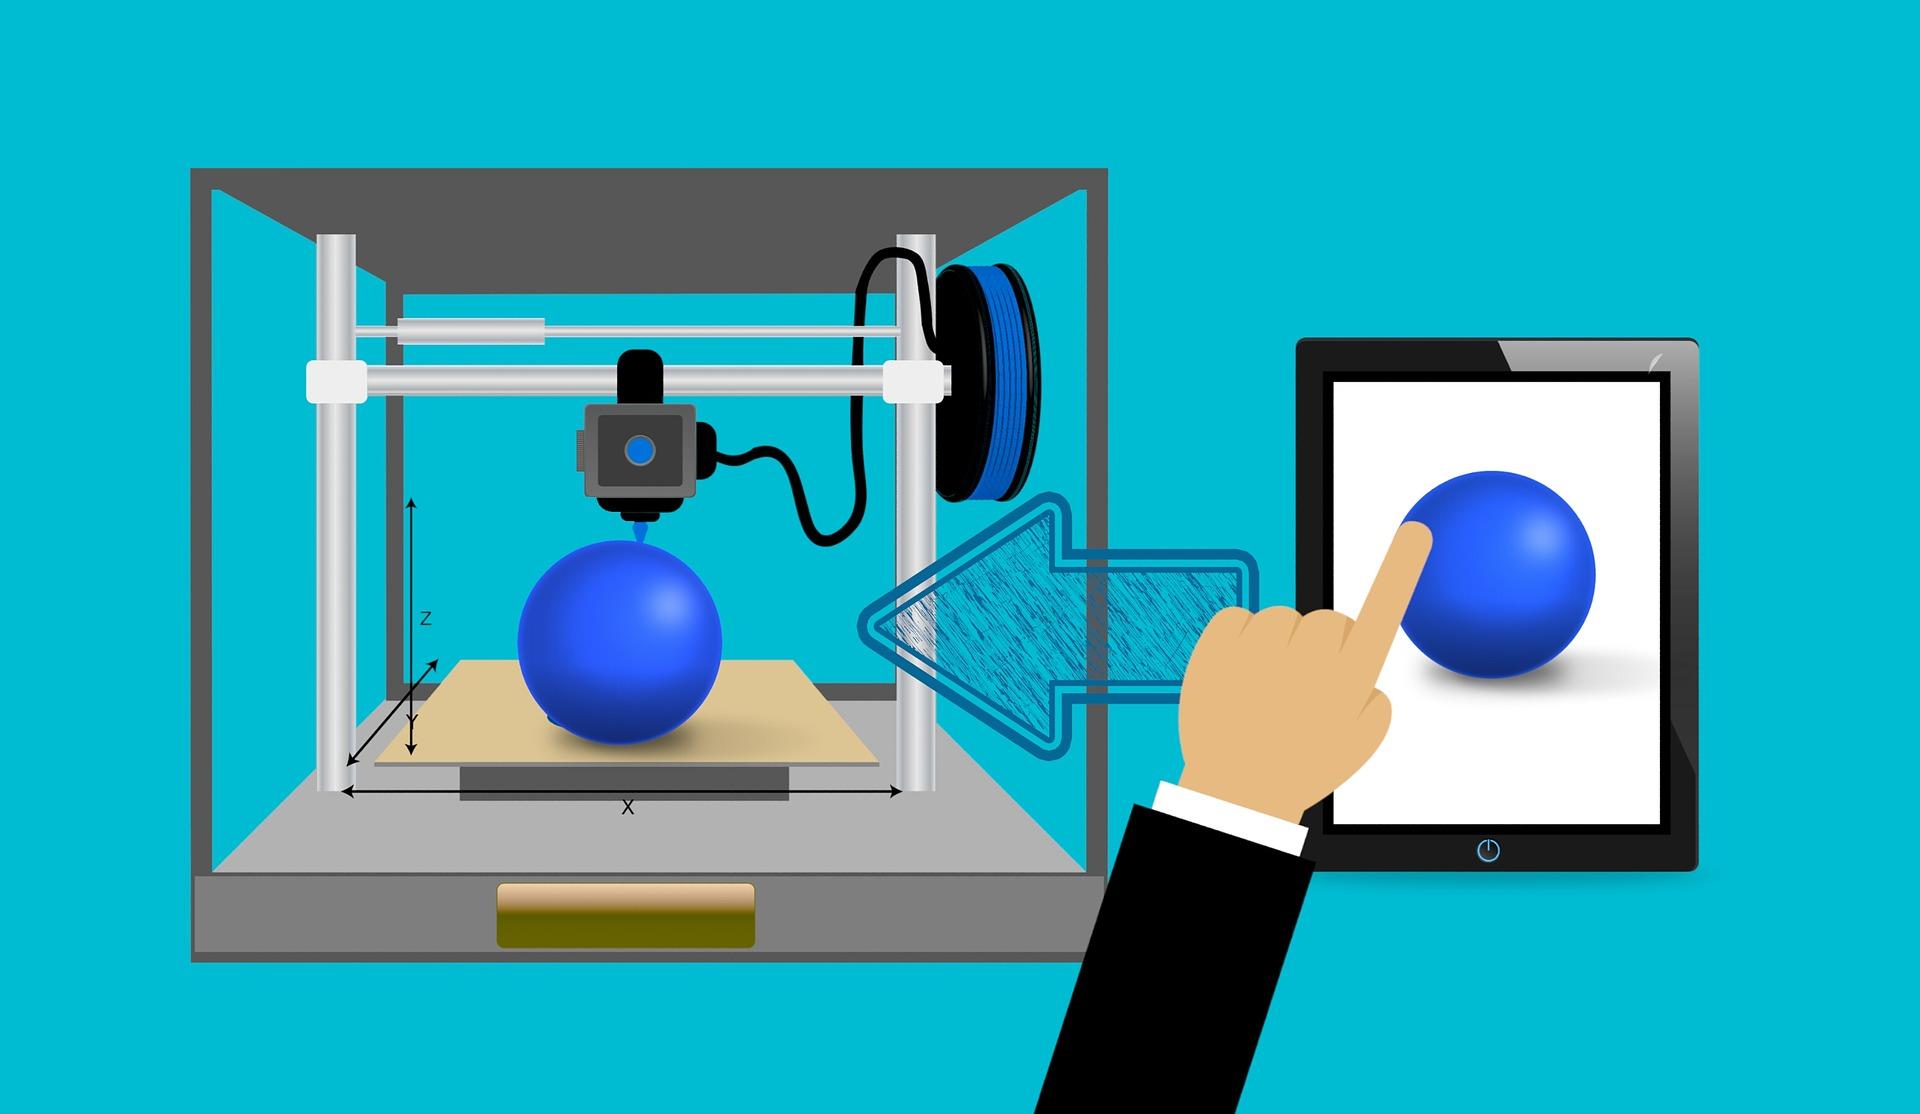 Welke mogelijkheden biedt een 3D printer?